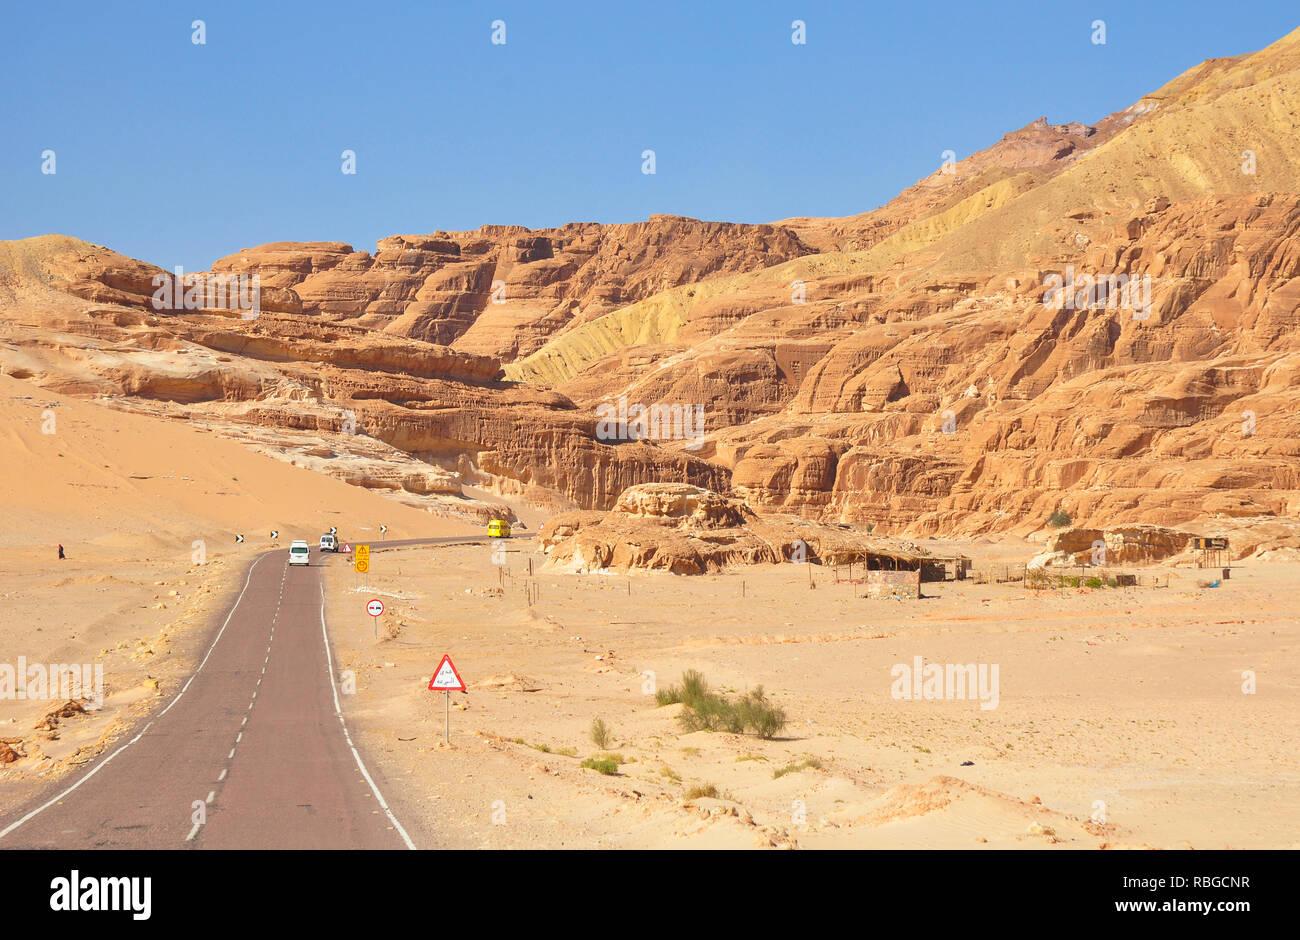 Desert Road and Desert Landscape. - Stock Image